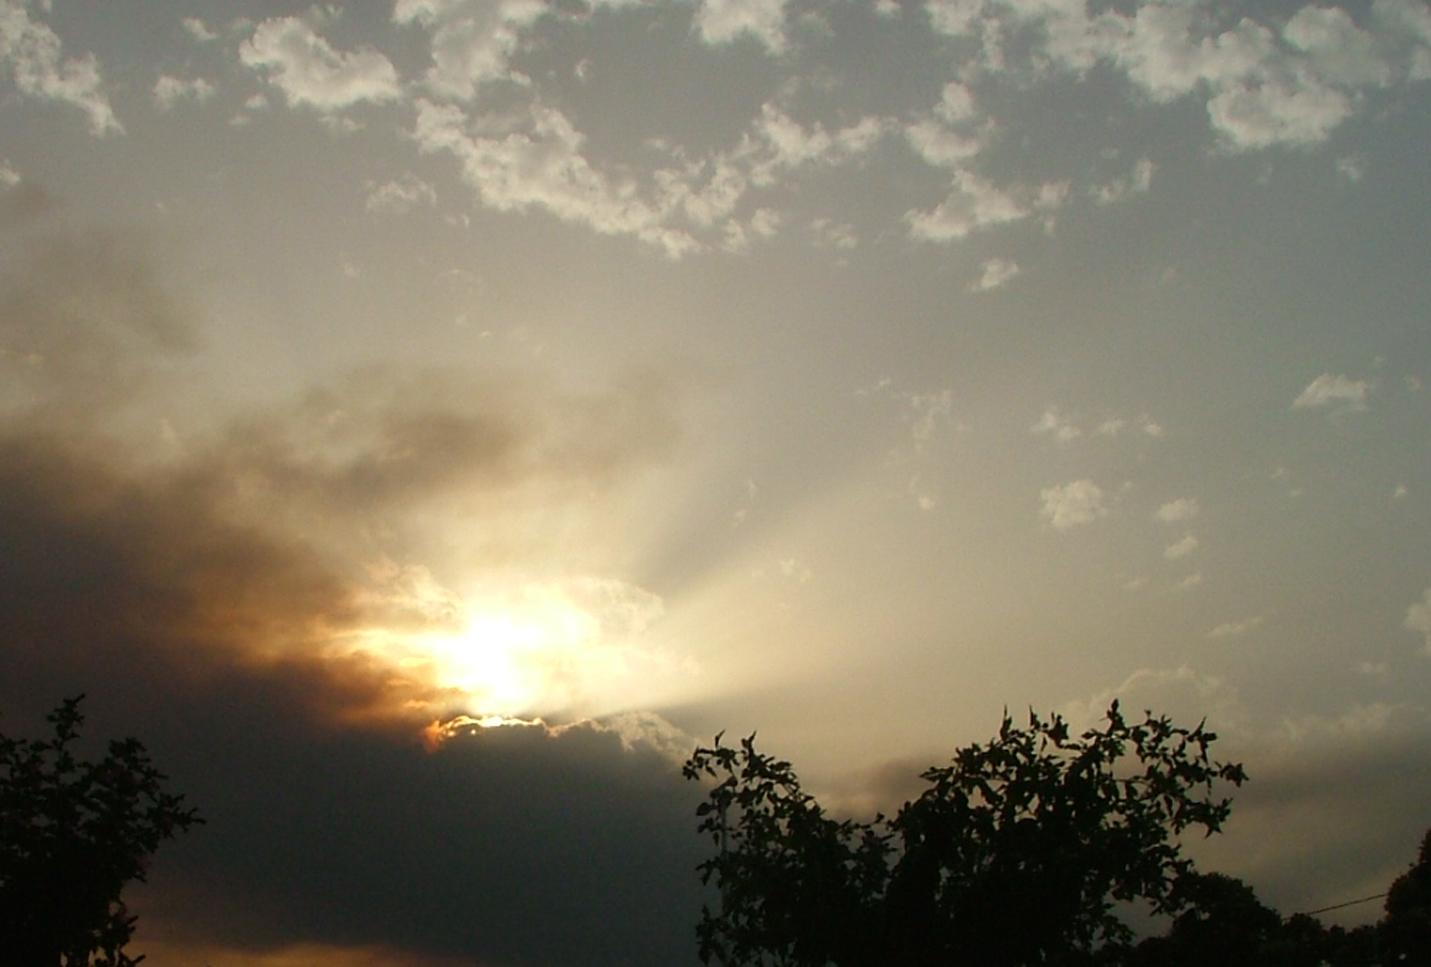 Tras el humo del incendio, también amanece